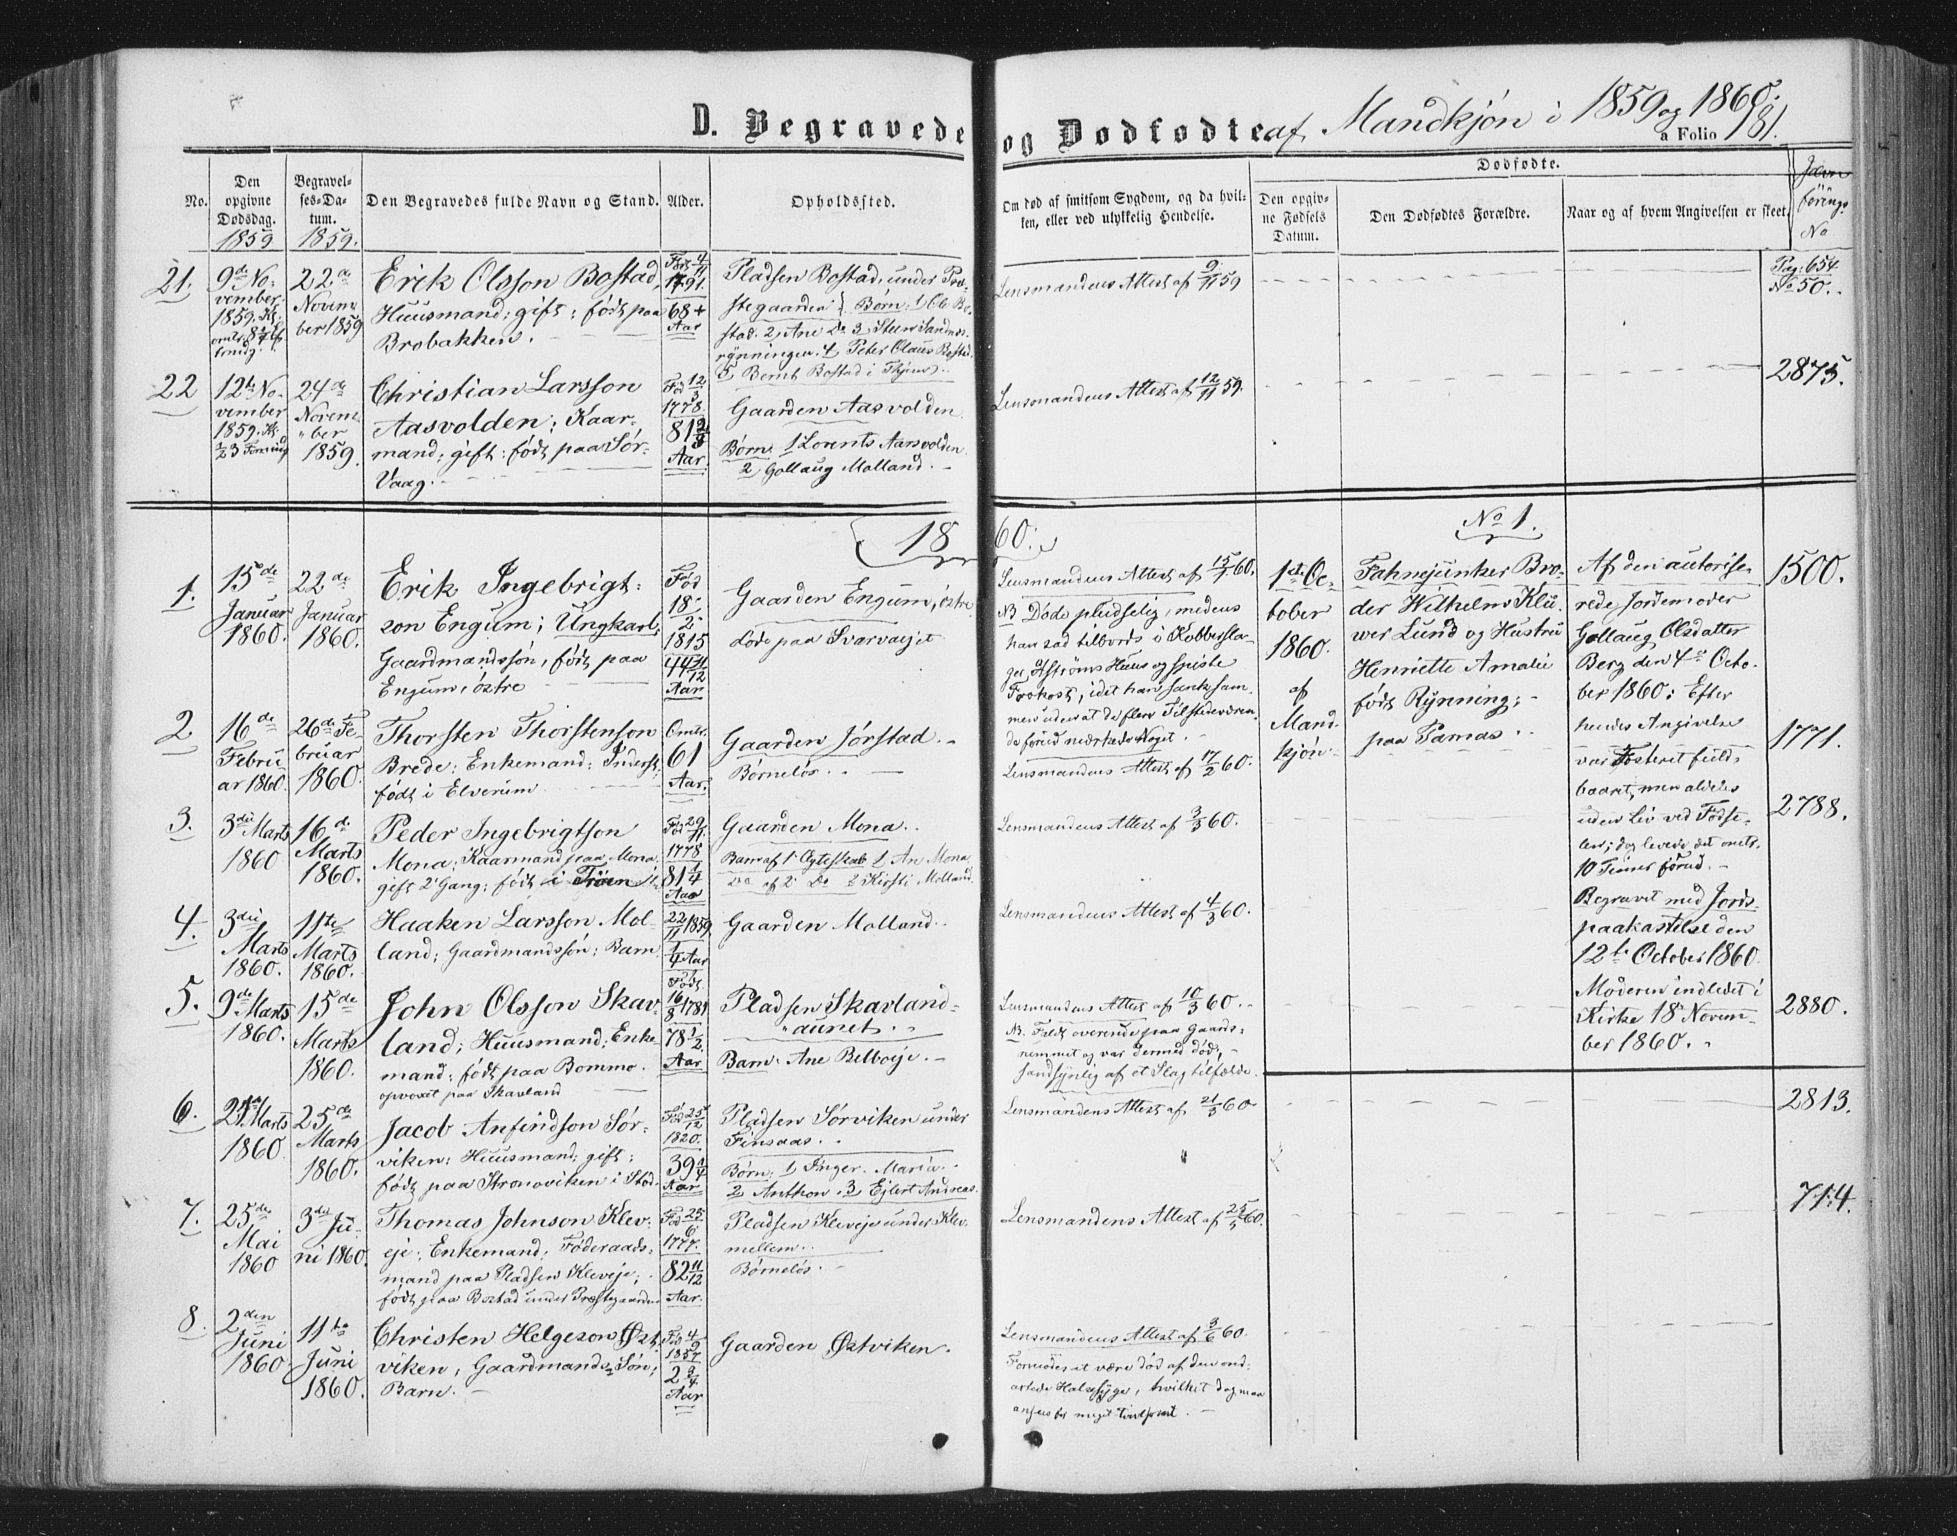 SAT, Ministerialprotokoller, klokkerbøker og fødselsregistre - Nord-Trøndelag, 749/L0472: Ministerialbok nr. 749A06, 1857-1873, s. 181